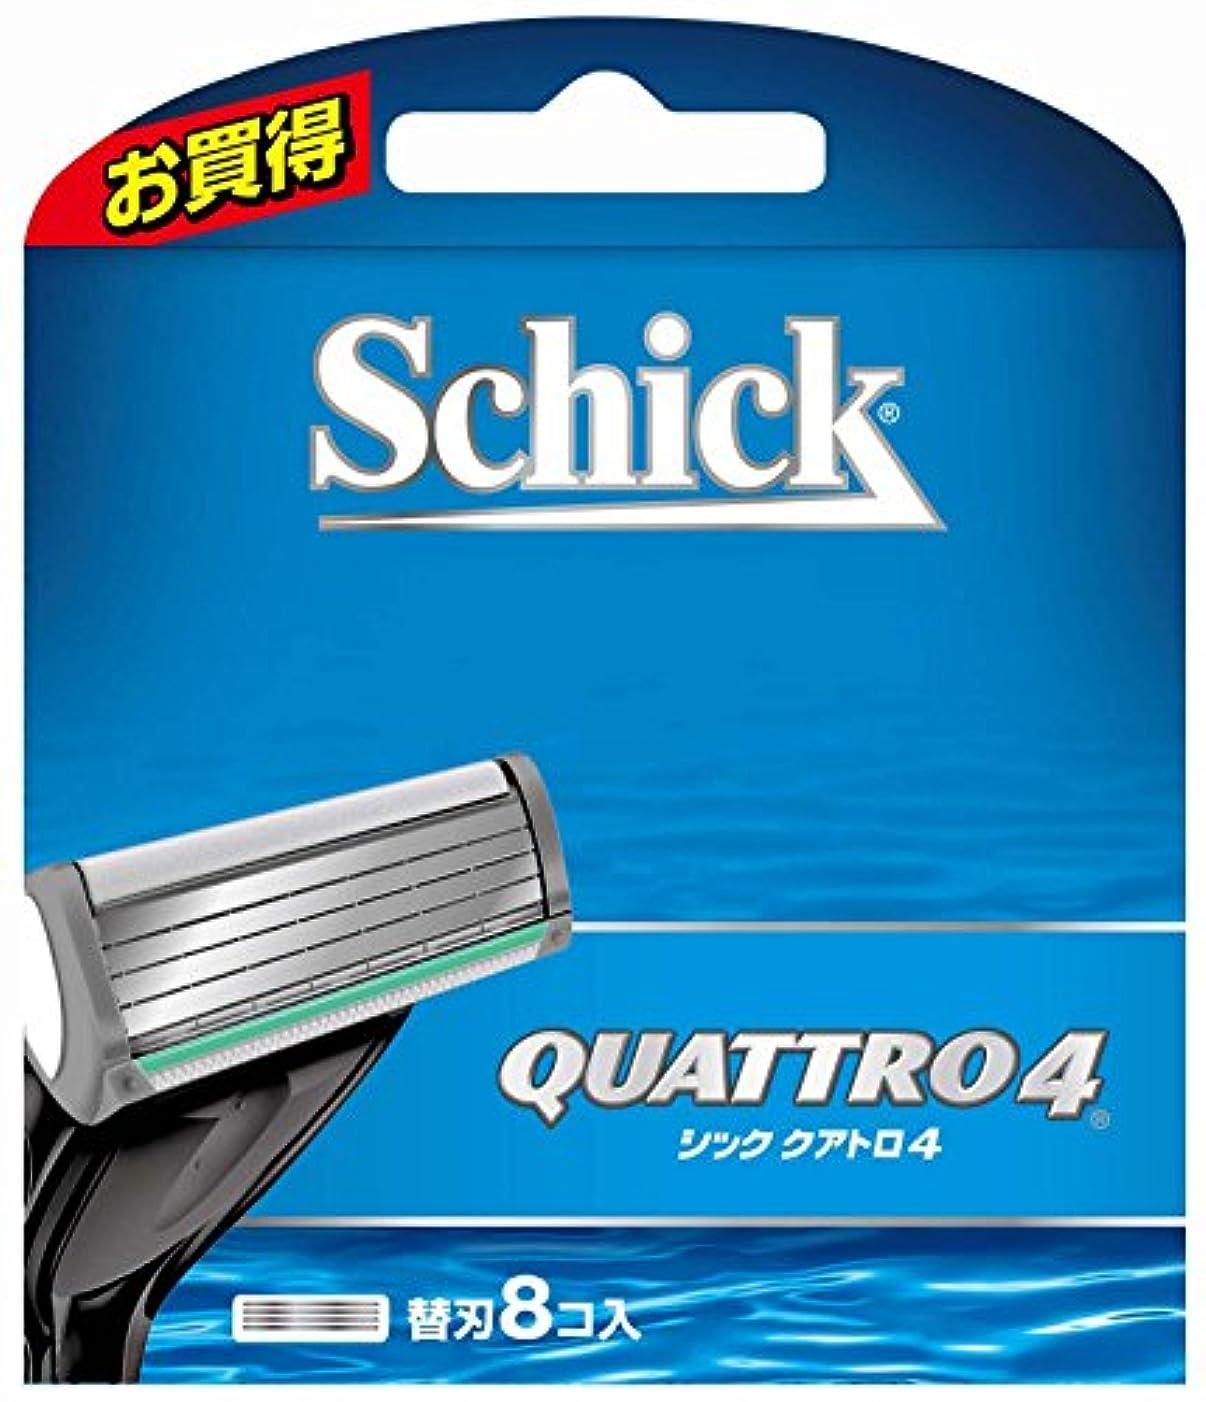 改修ハンディ症候群シック Schick クアトロ4 4枚刃 替刃 (8コ入)